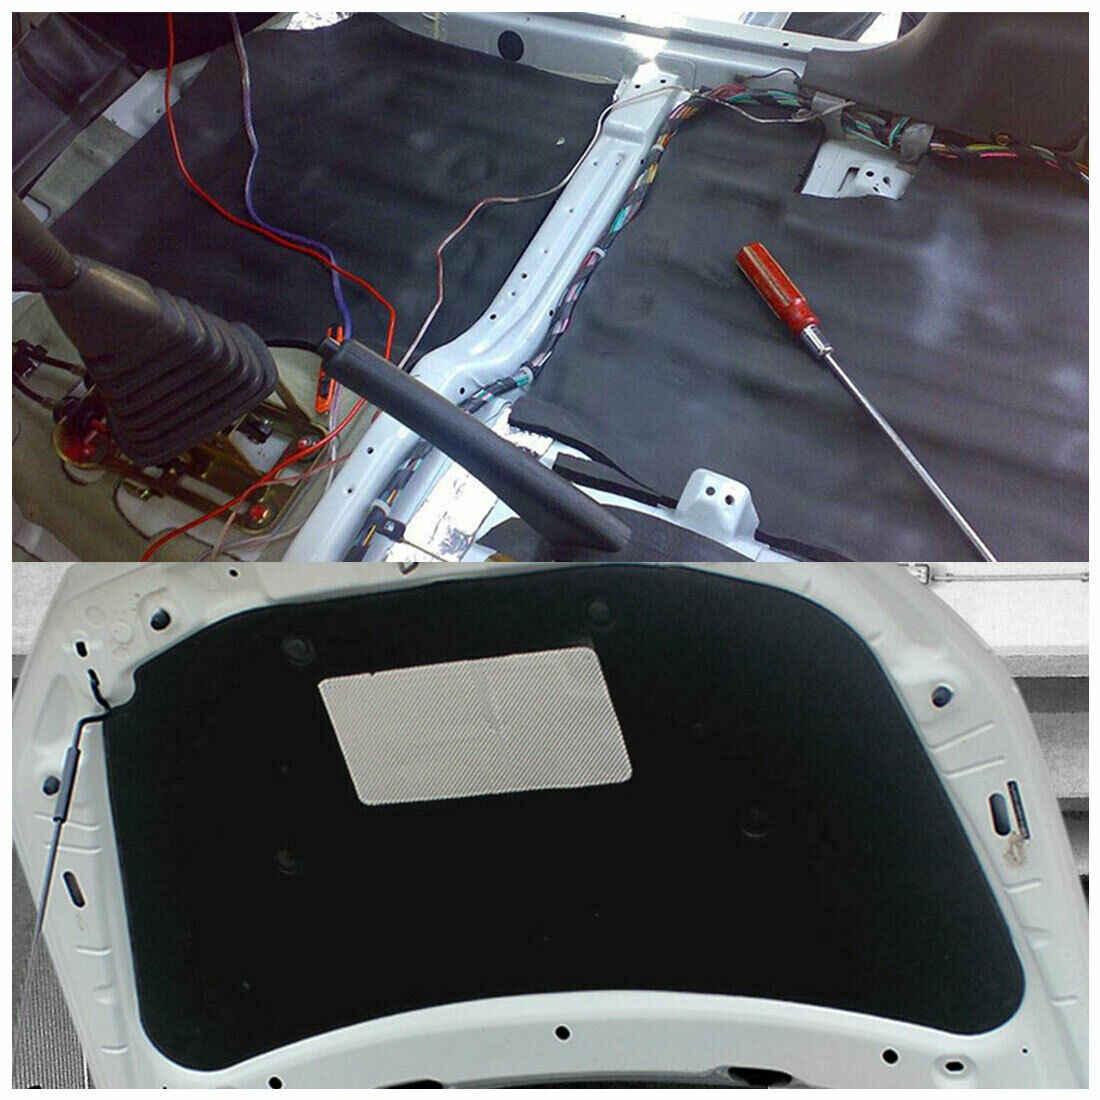 Wysoka redukcja szumów izolacja termiczna 5mm dźwiękoodporna podkładka 5mm samochodowe Stereo hałas izolacja cieplna dźwiękoszczelne maty tłumiące